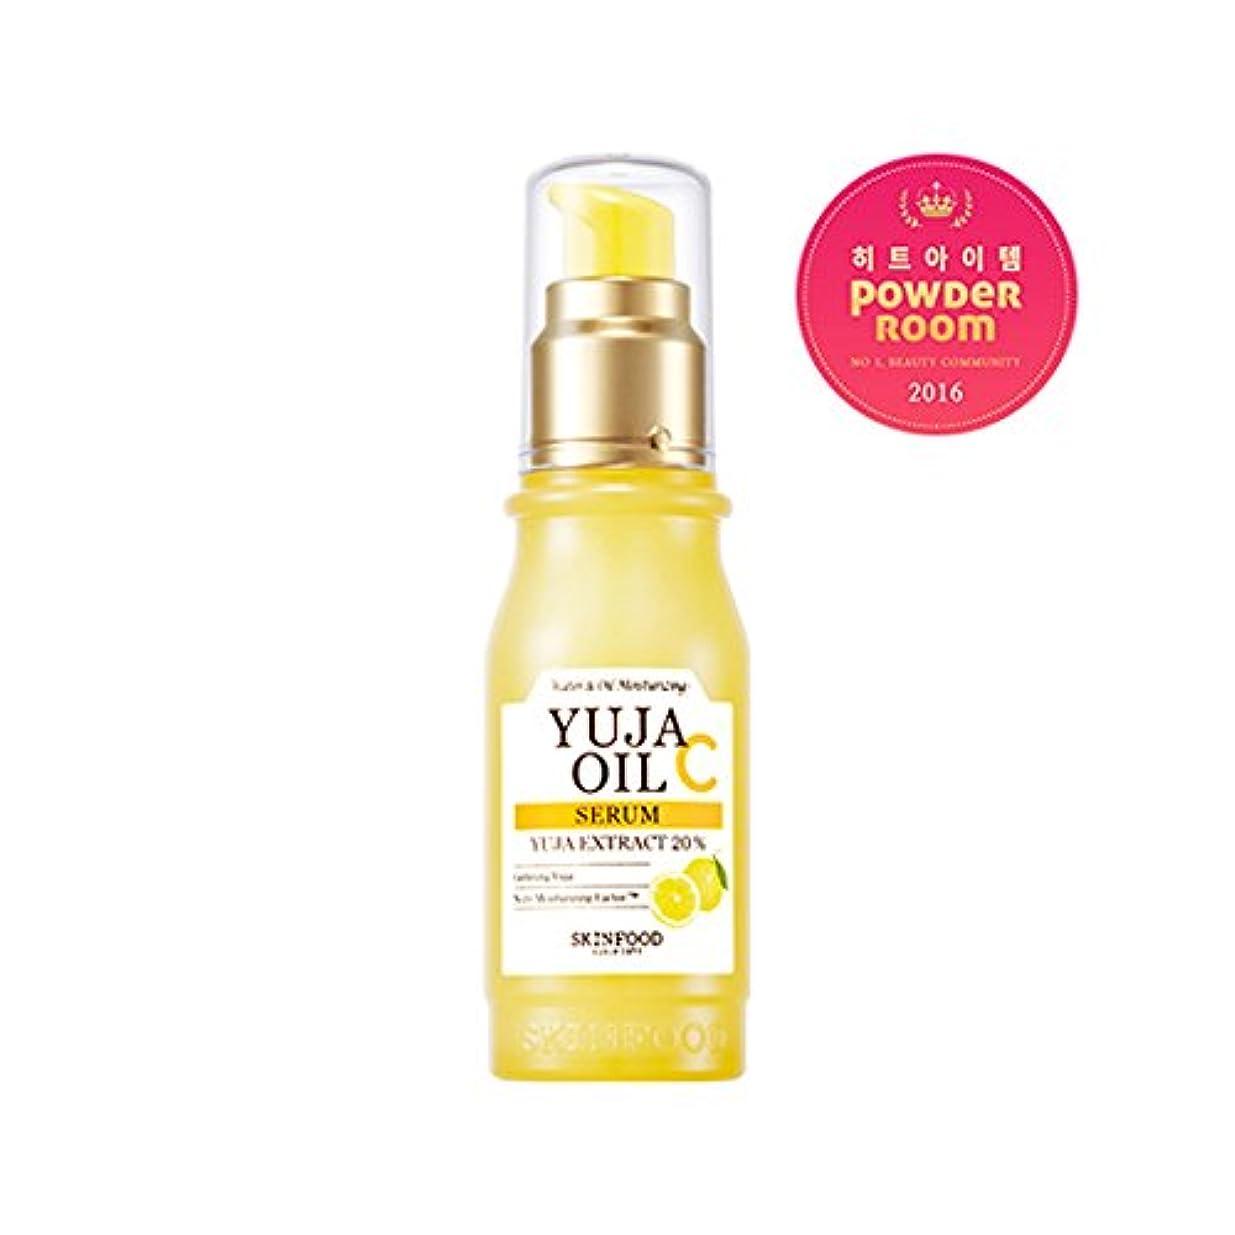 ダウン電気陽性蒸発する[New] SKINFOOD Yuja Oil C Serum 50ml/スキンフード 柚子 オイル C セラム 50ml [並行輸入品]